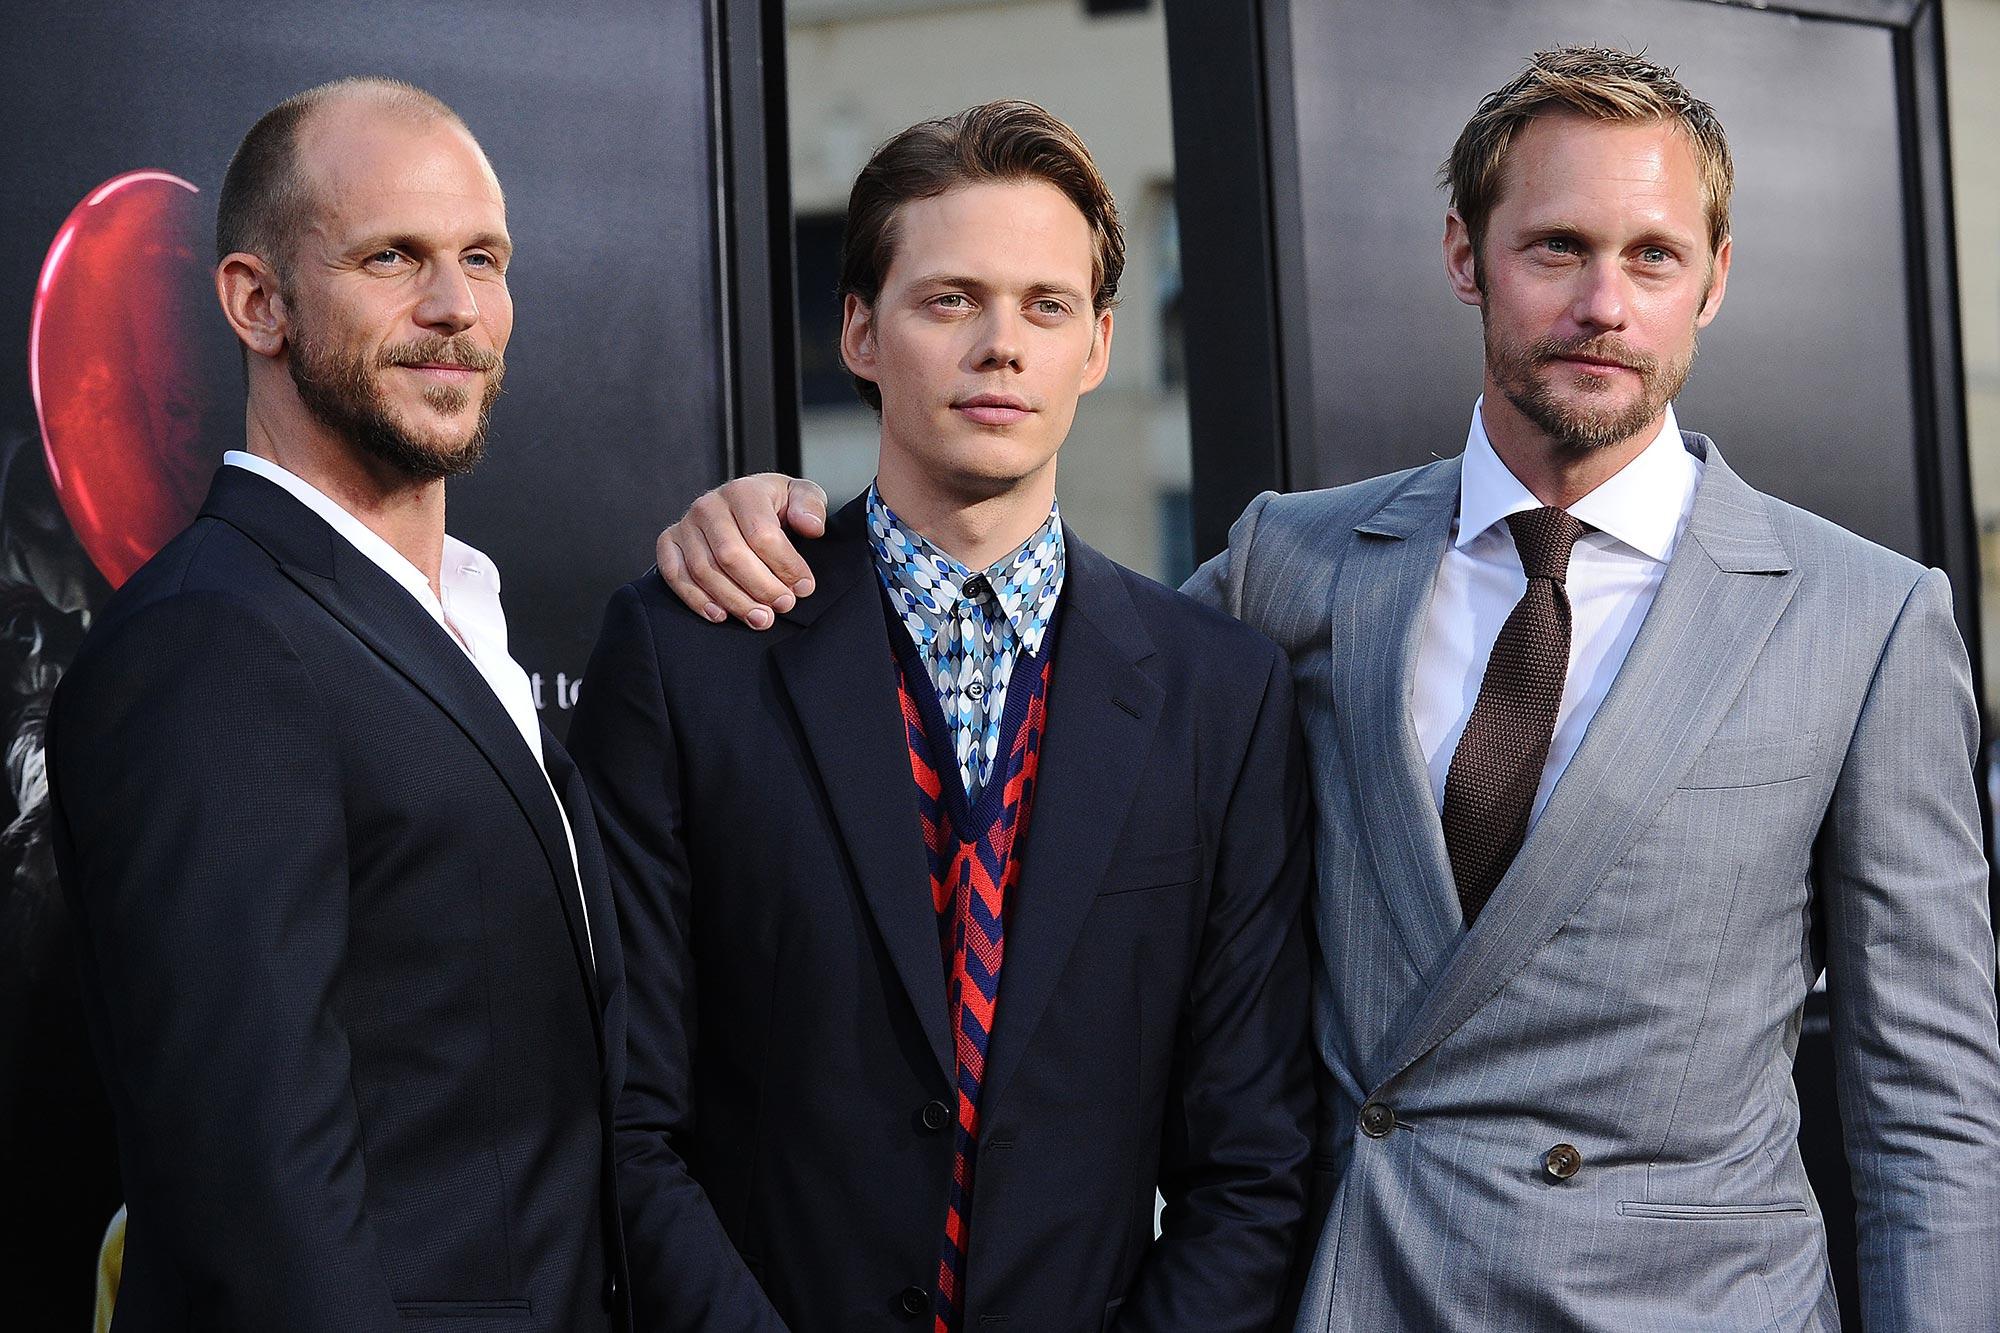 Gustaf Skarsgard, Bill Skarsgard and Alexander Skarsgard